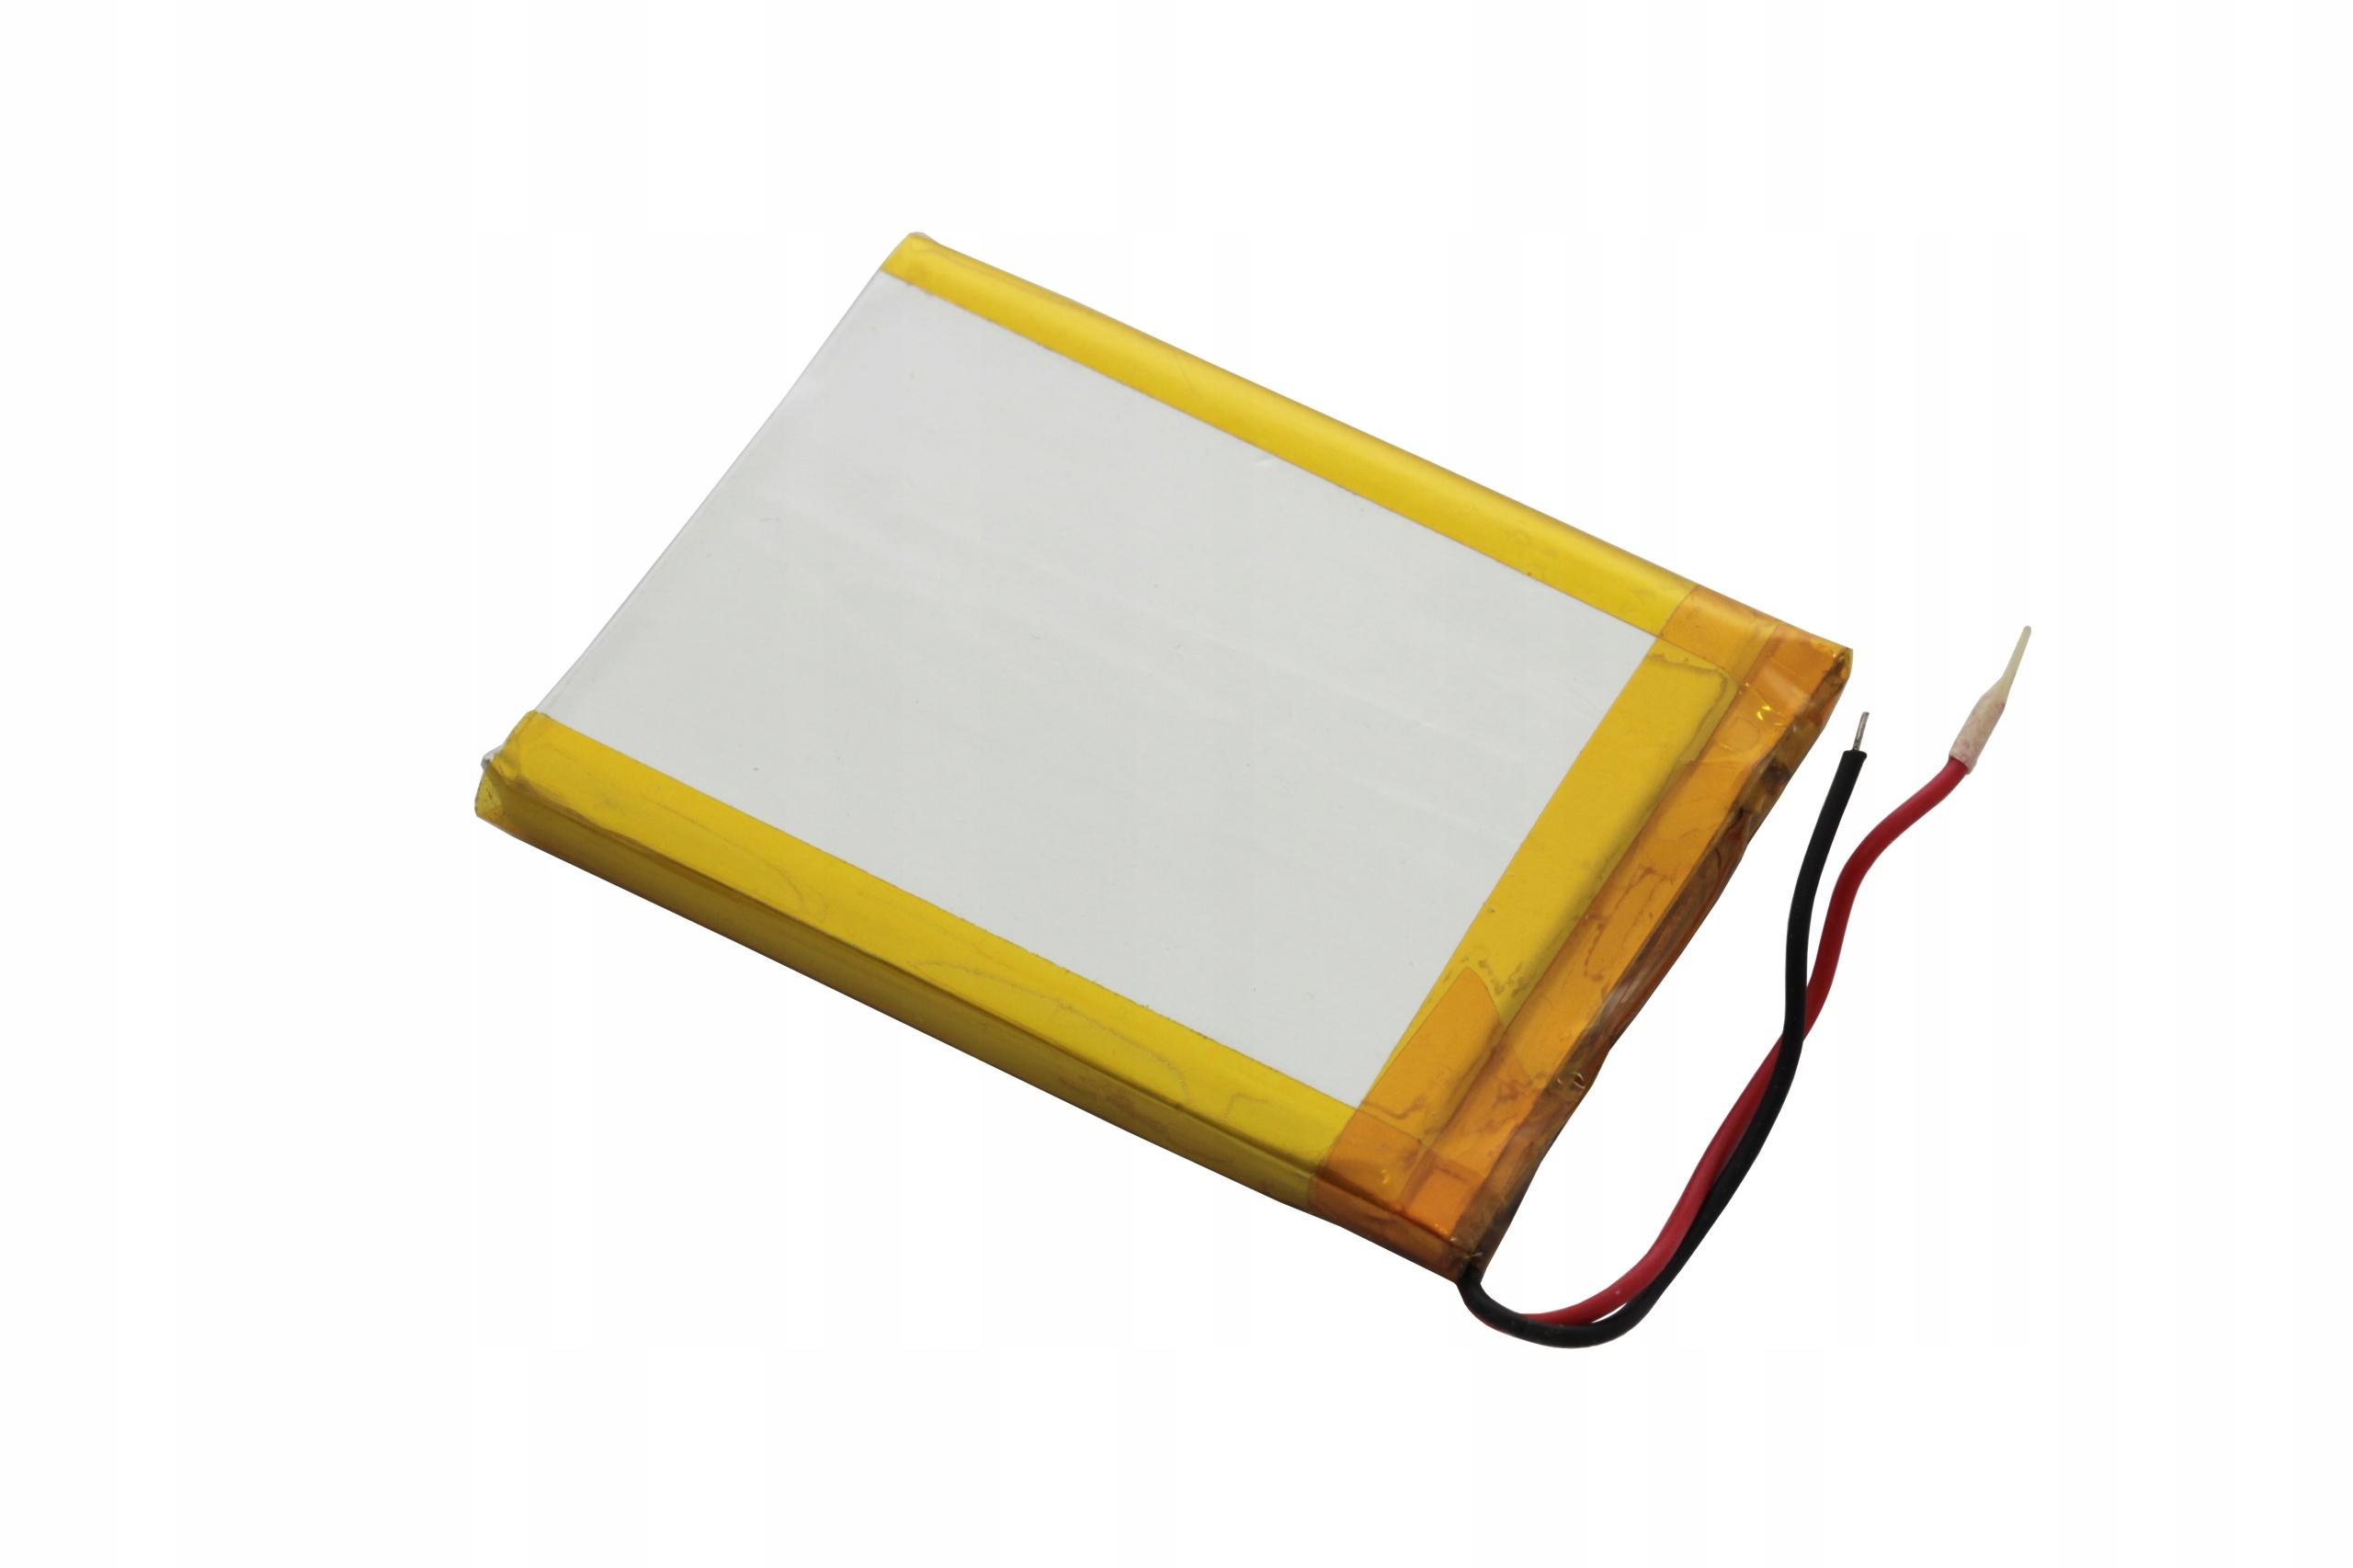 AKUMULATOR PRYZMATYCZNY Li-POLy 3,7V 1500mA 484251 Marka AmElectronics